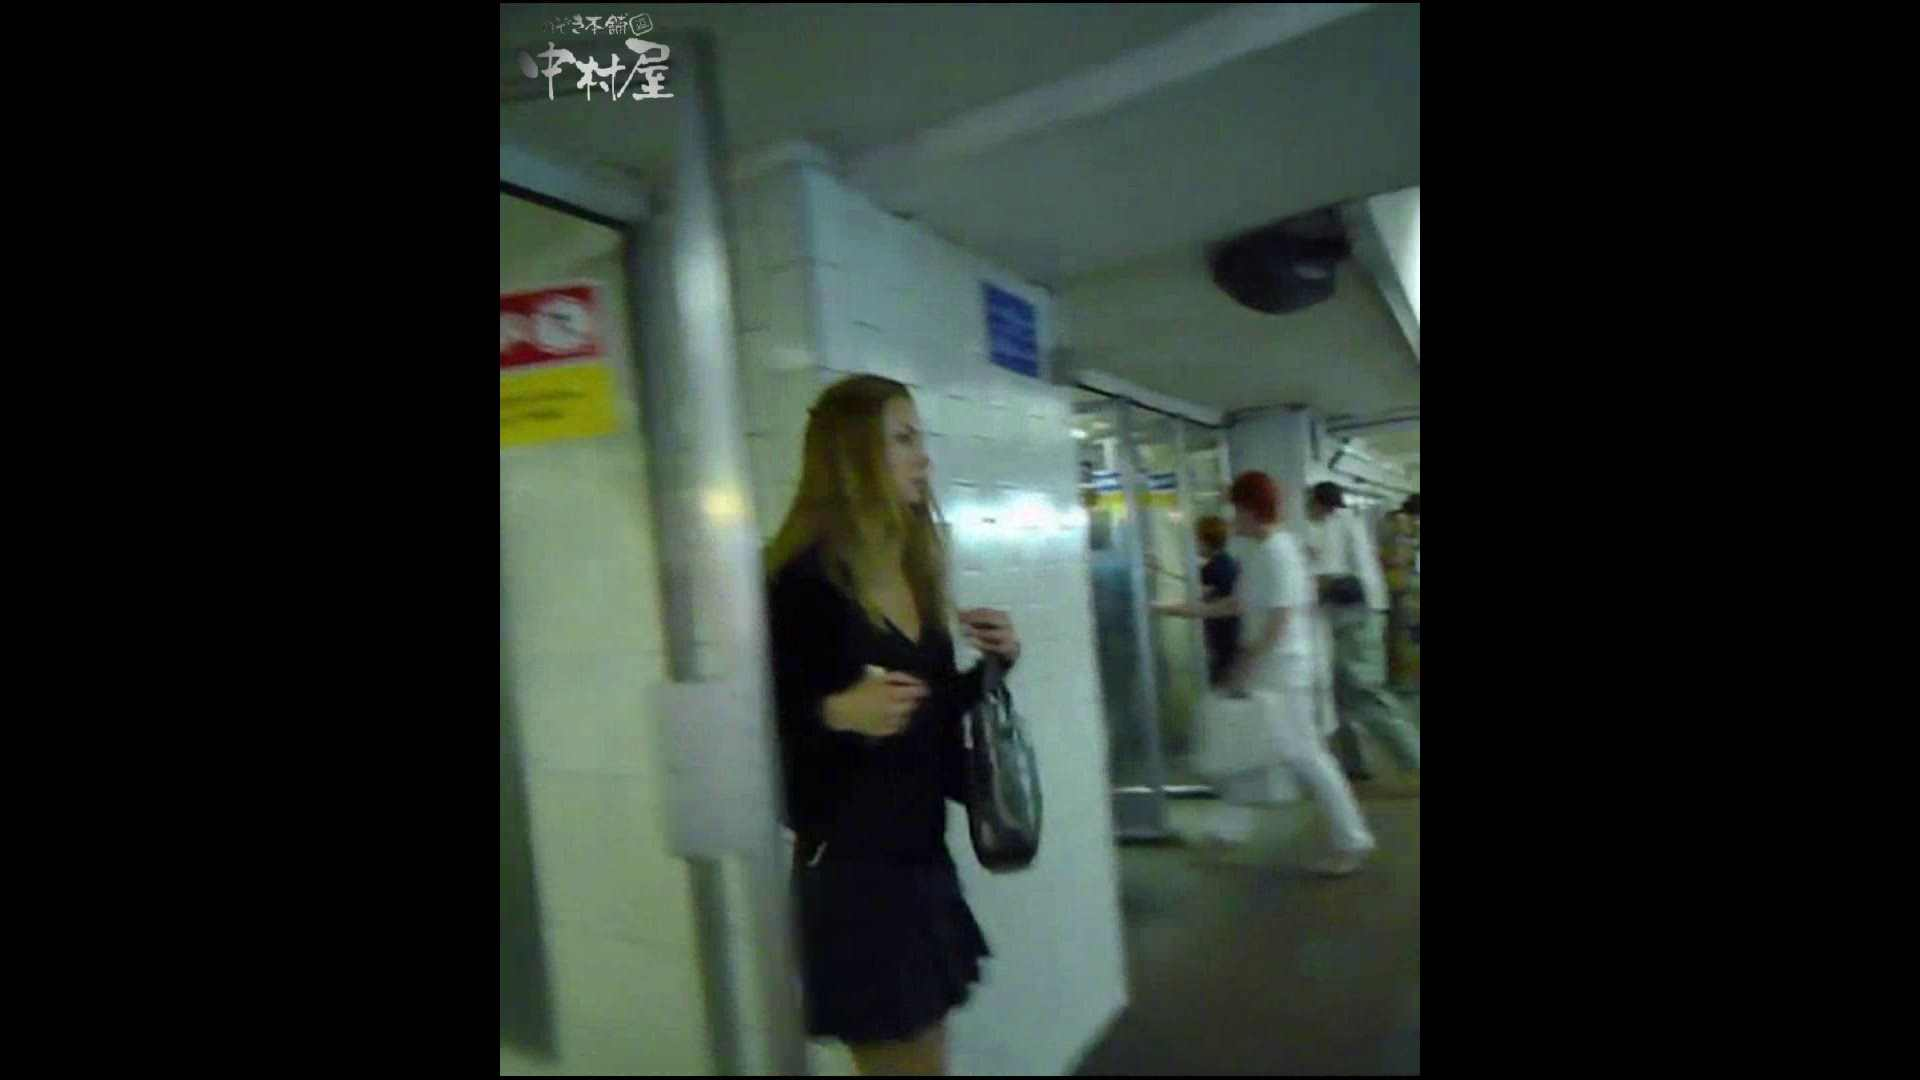 綺麗なモデルさんのスカート捲っちゃおう‼ vol26 モデル われめAV動画紹介 80pic 5